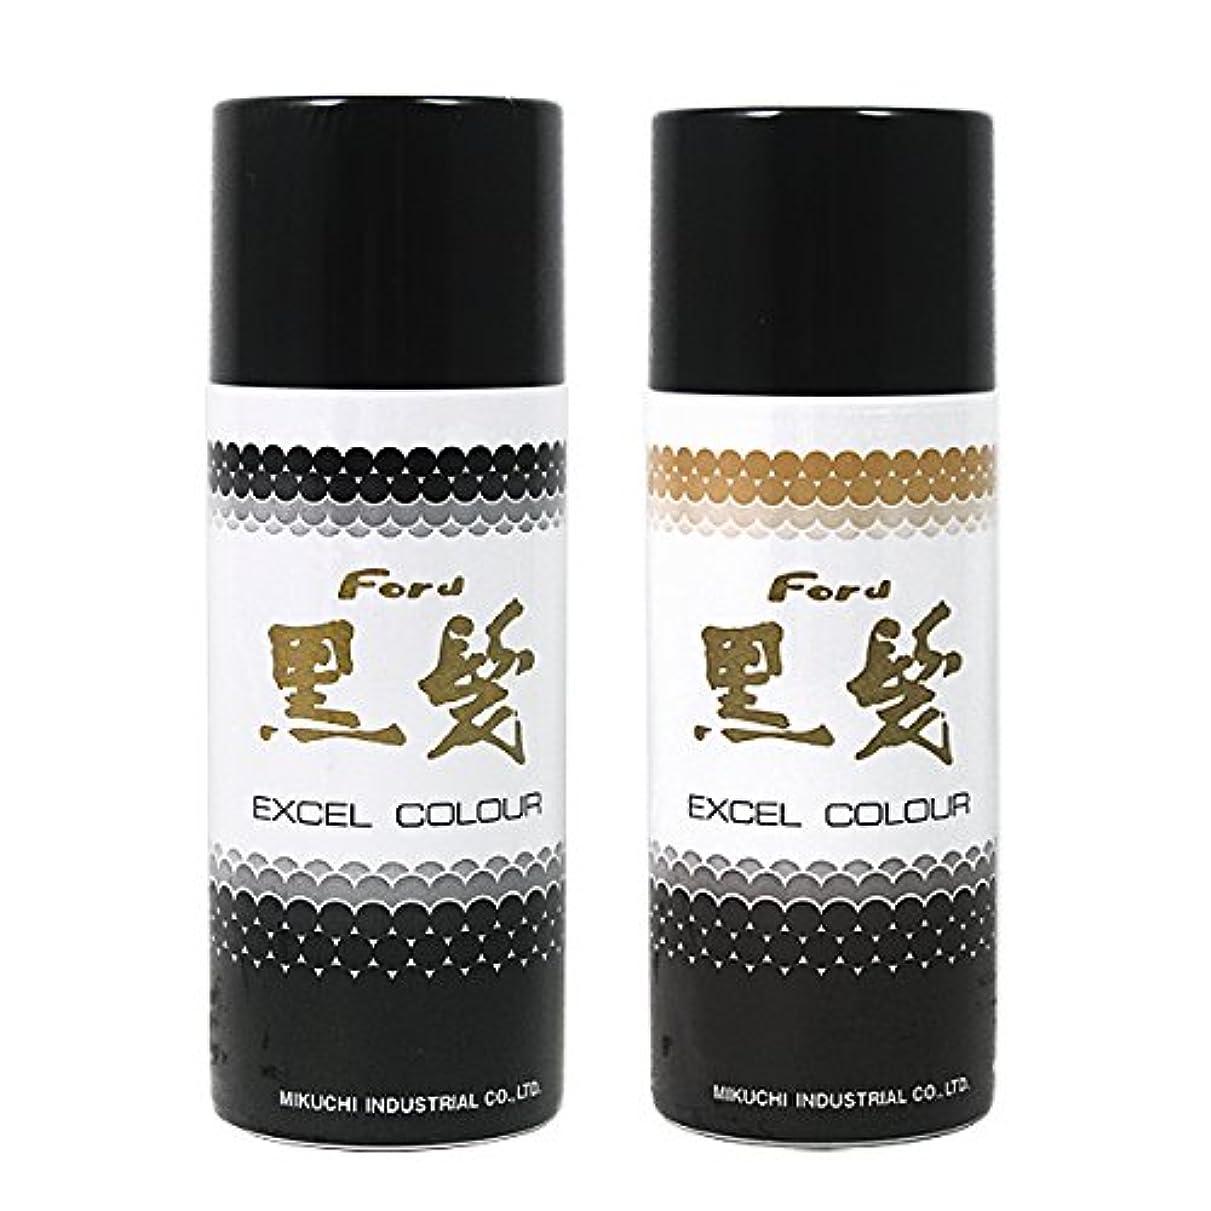 ホールドオール湿原シフトフォードヘア エクセル カラースプレー黒髪 黒茶 容量100g